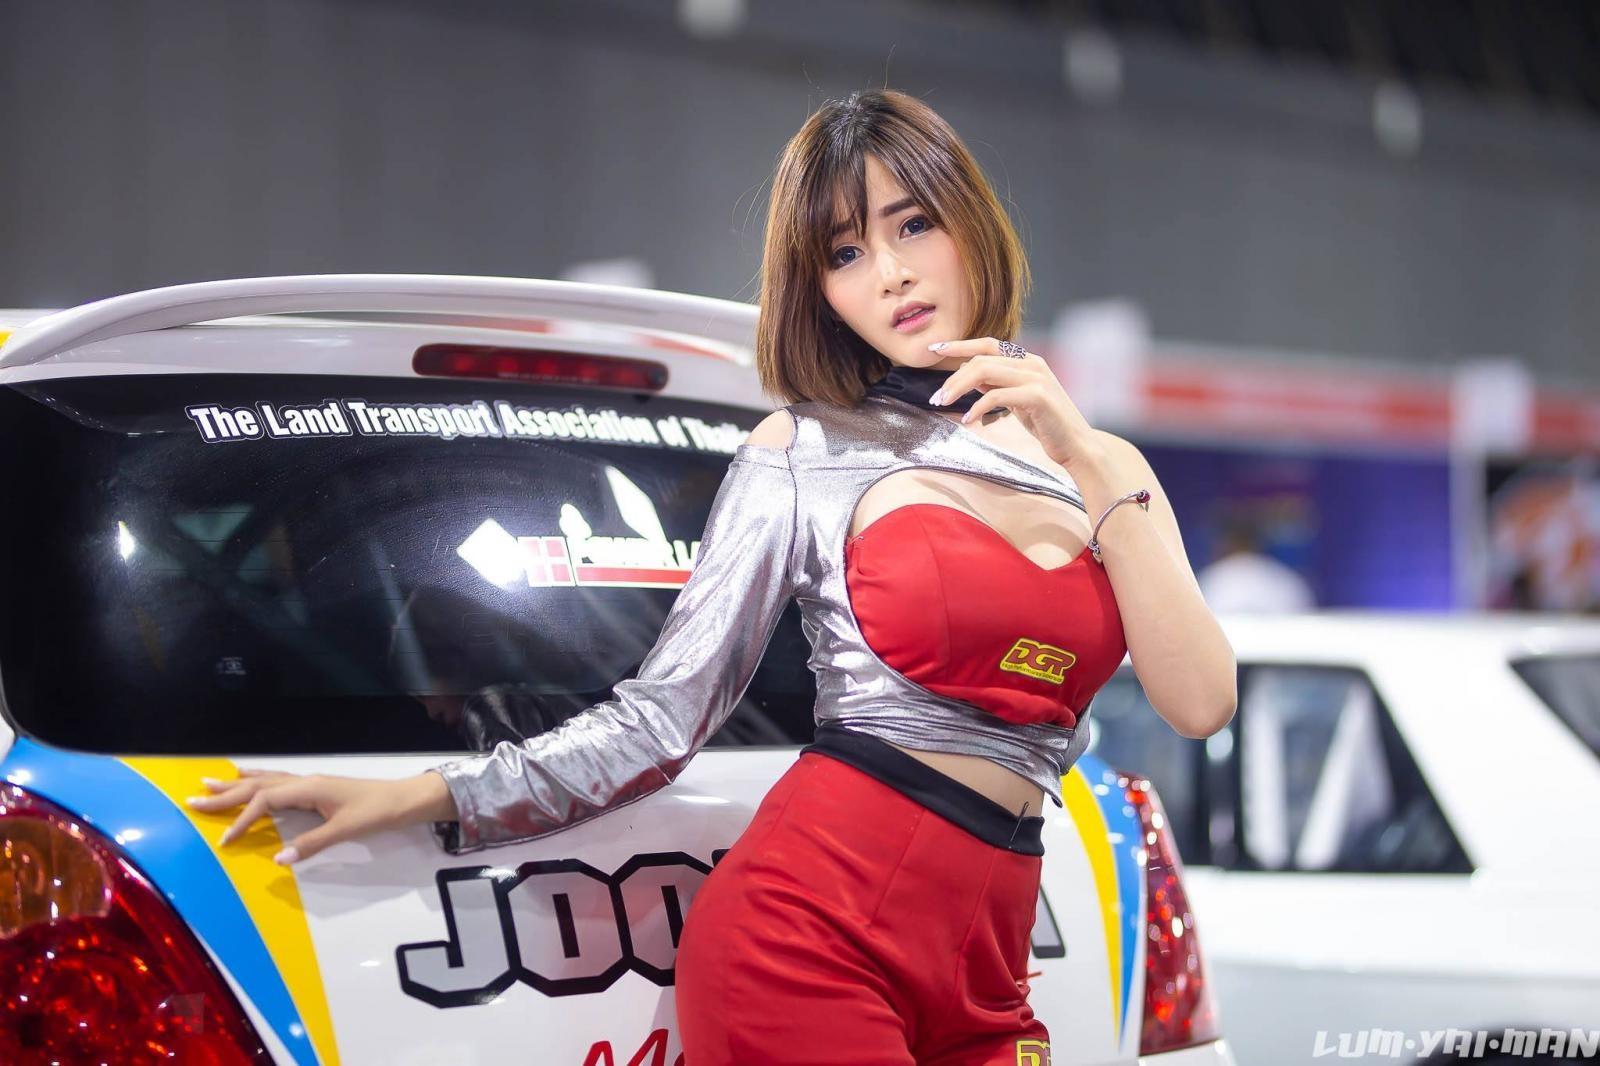 Ngắm người mẫu Thái Lan vừa dễ thương lại vừa gợi cảm ở Auto Salon 2018 - 19